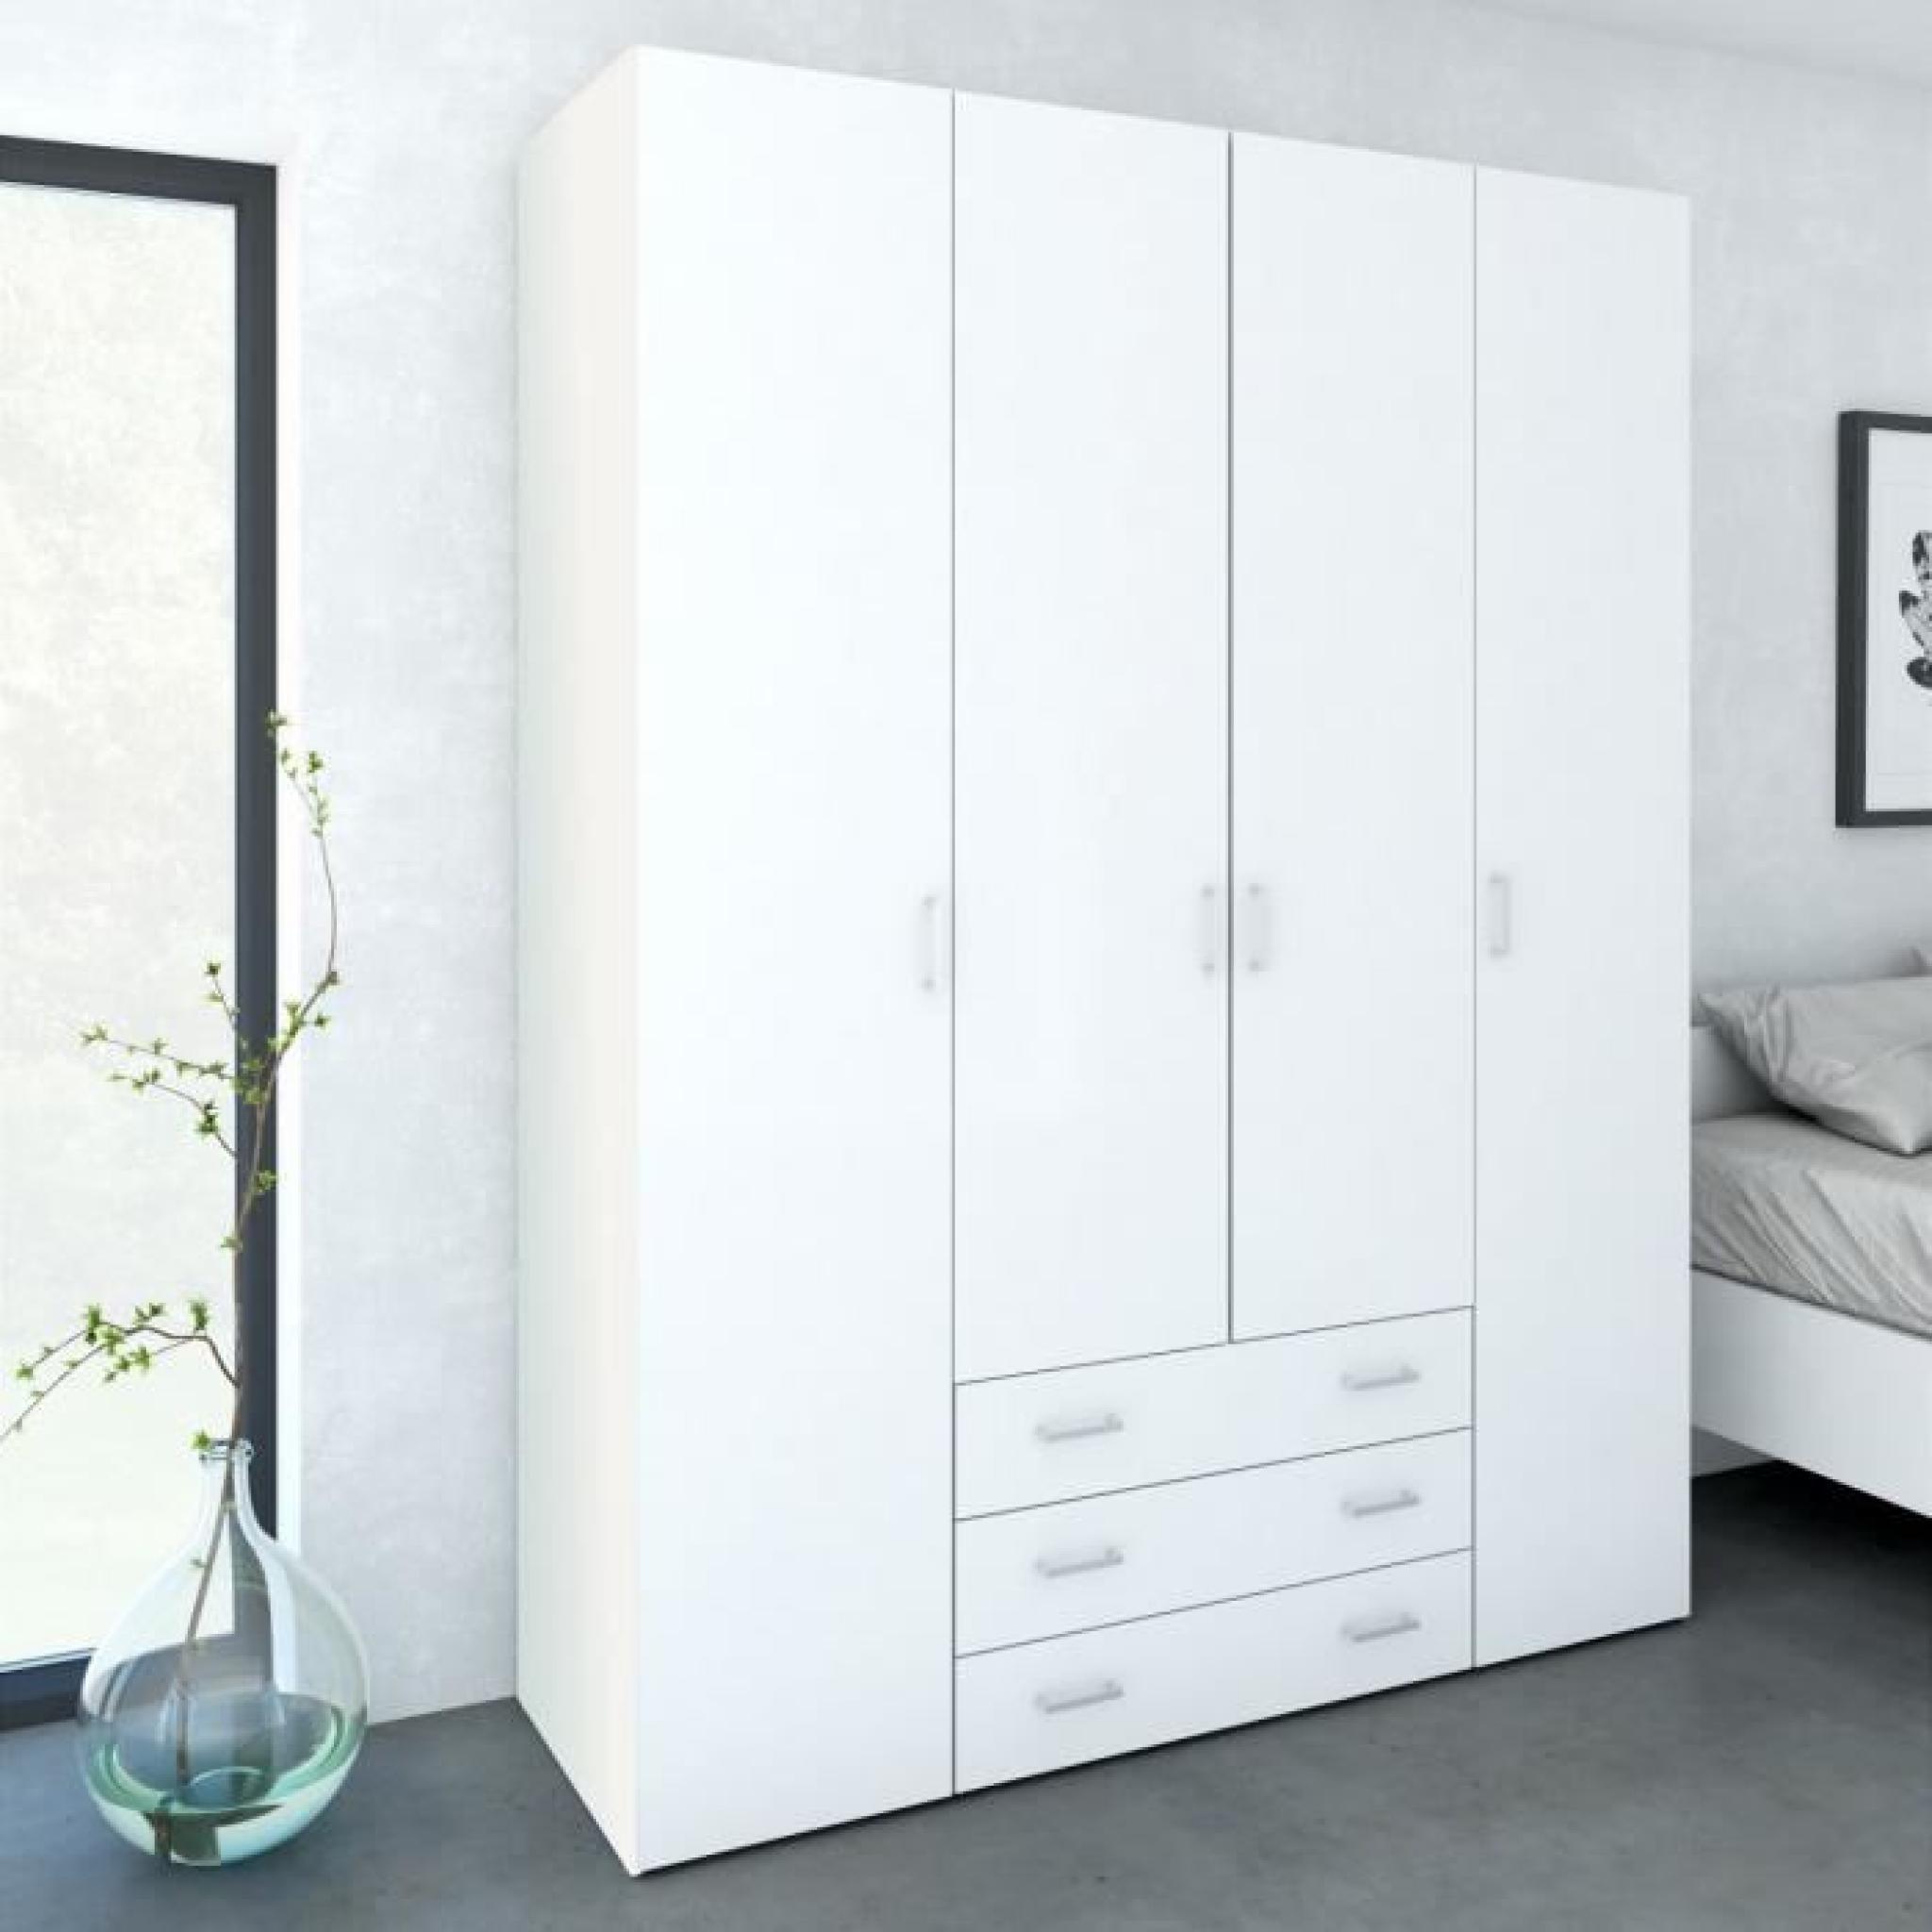 space armoire 154x49x200 cm blanc brillant achat vente armoire de chambre pas cher couleur. Black Bedroom Furniture Sets. Home Design Ideas